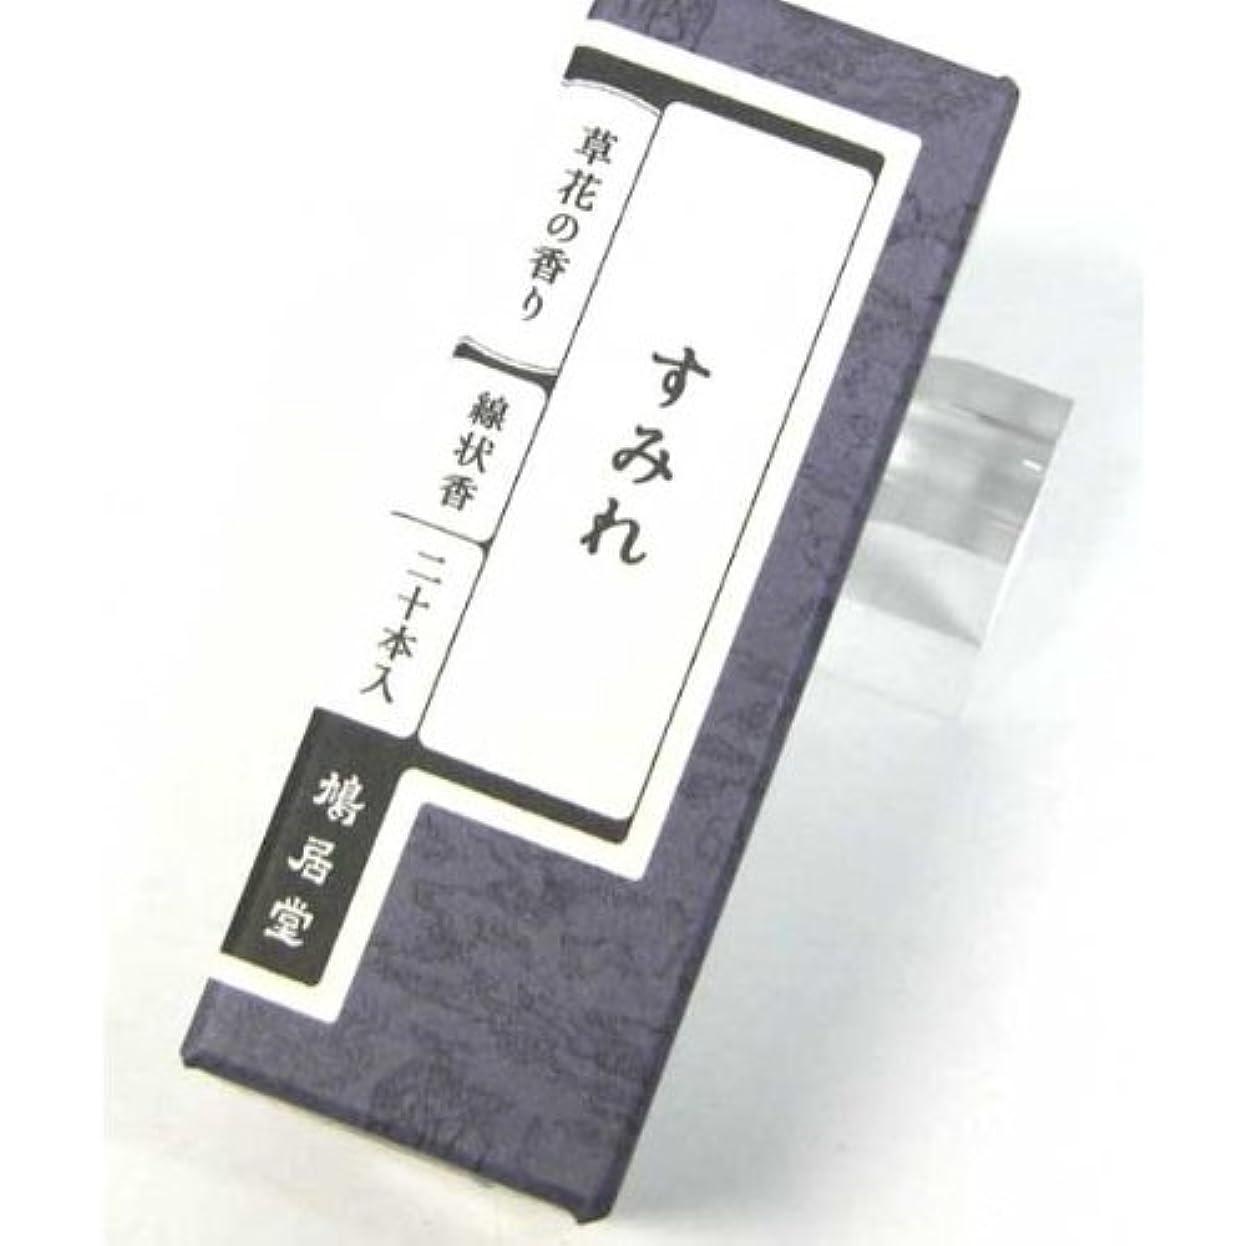 好奇心小説家アルコーブ鳩居堂 お香 すみれ/菫 草花の香りシリーズ スティックタイプ(棒状香)20本いり